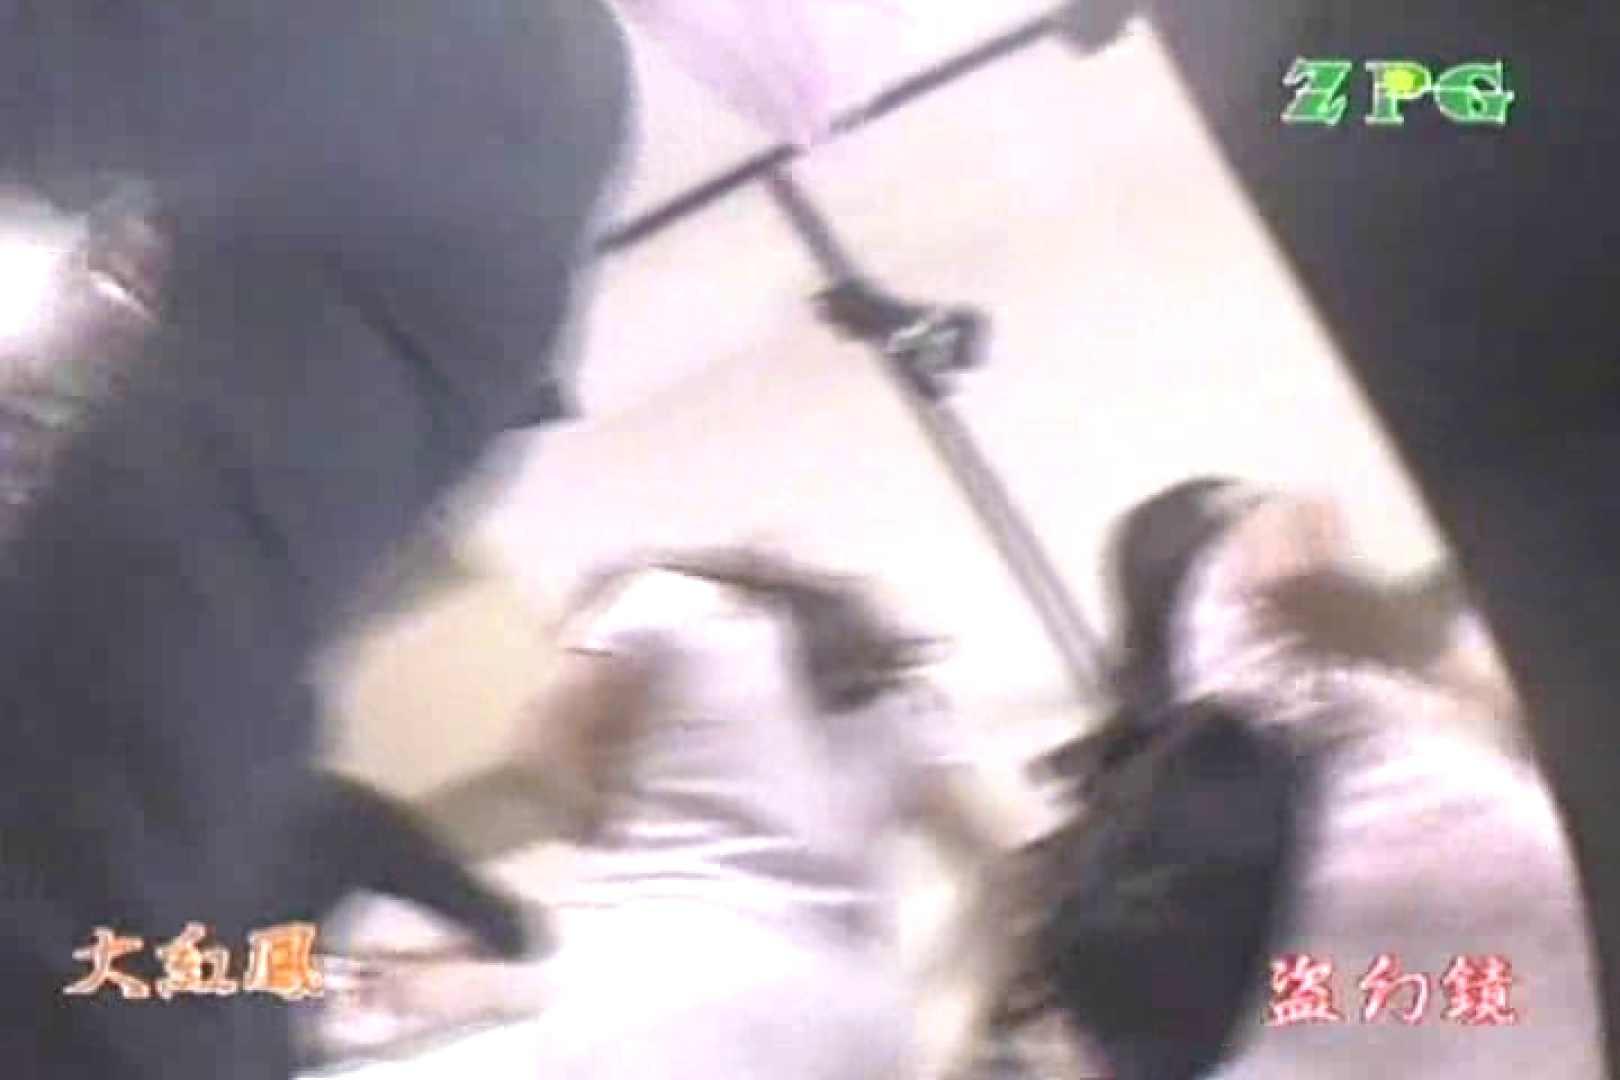 究極カリスマショップ逆さ撮り 完全保存版02 盗撮 | 覗き  108pic 79